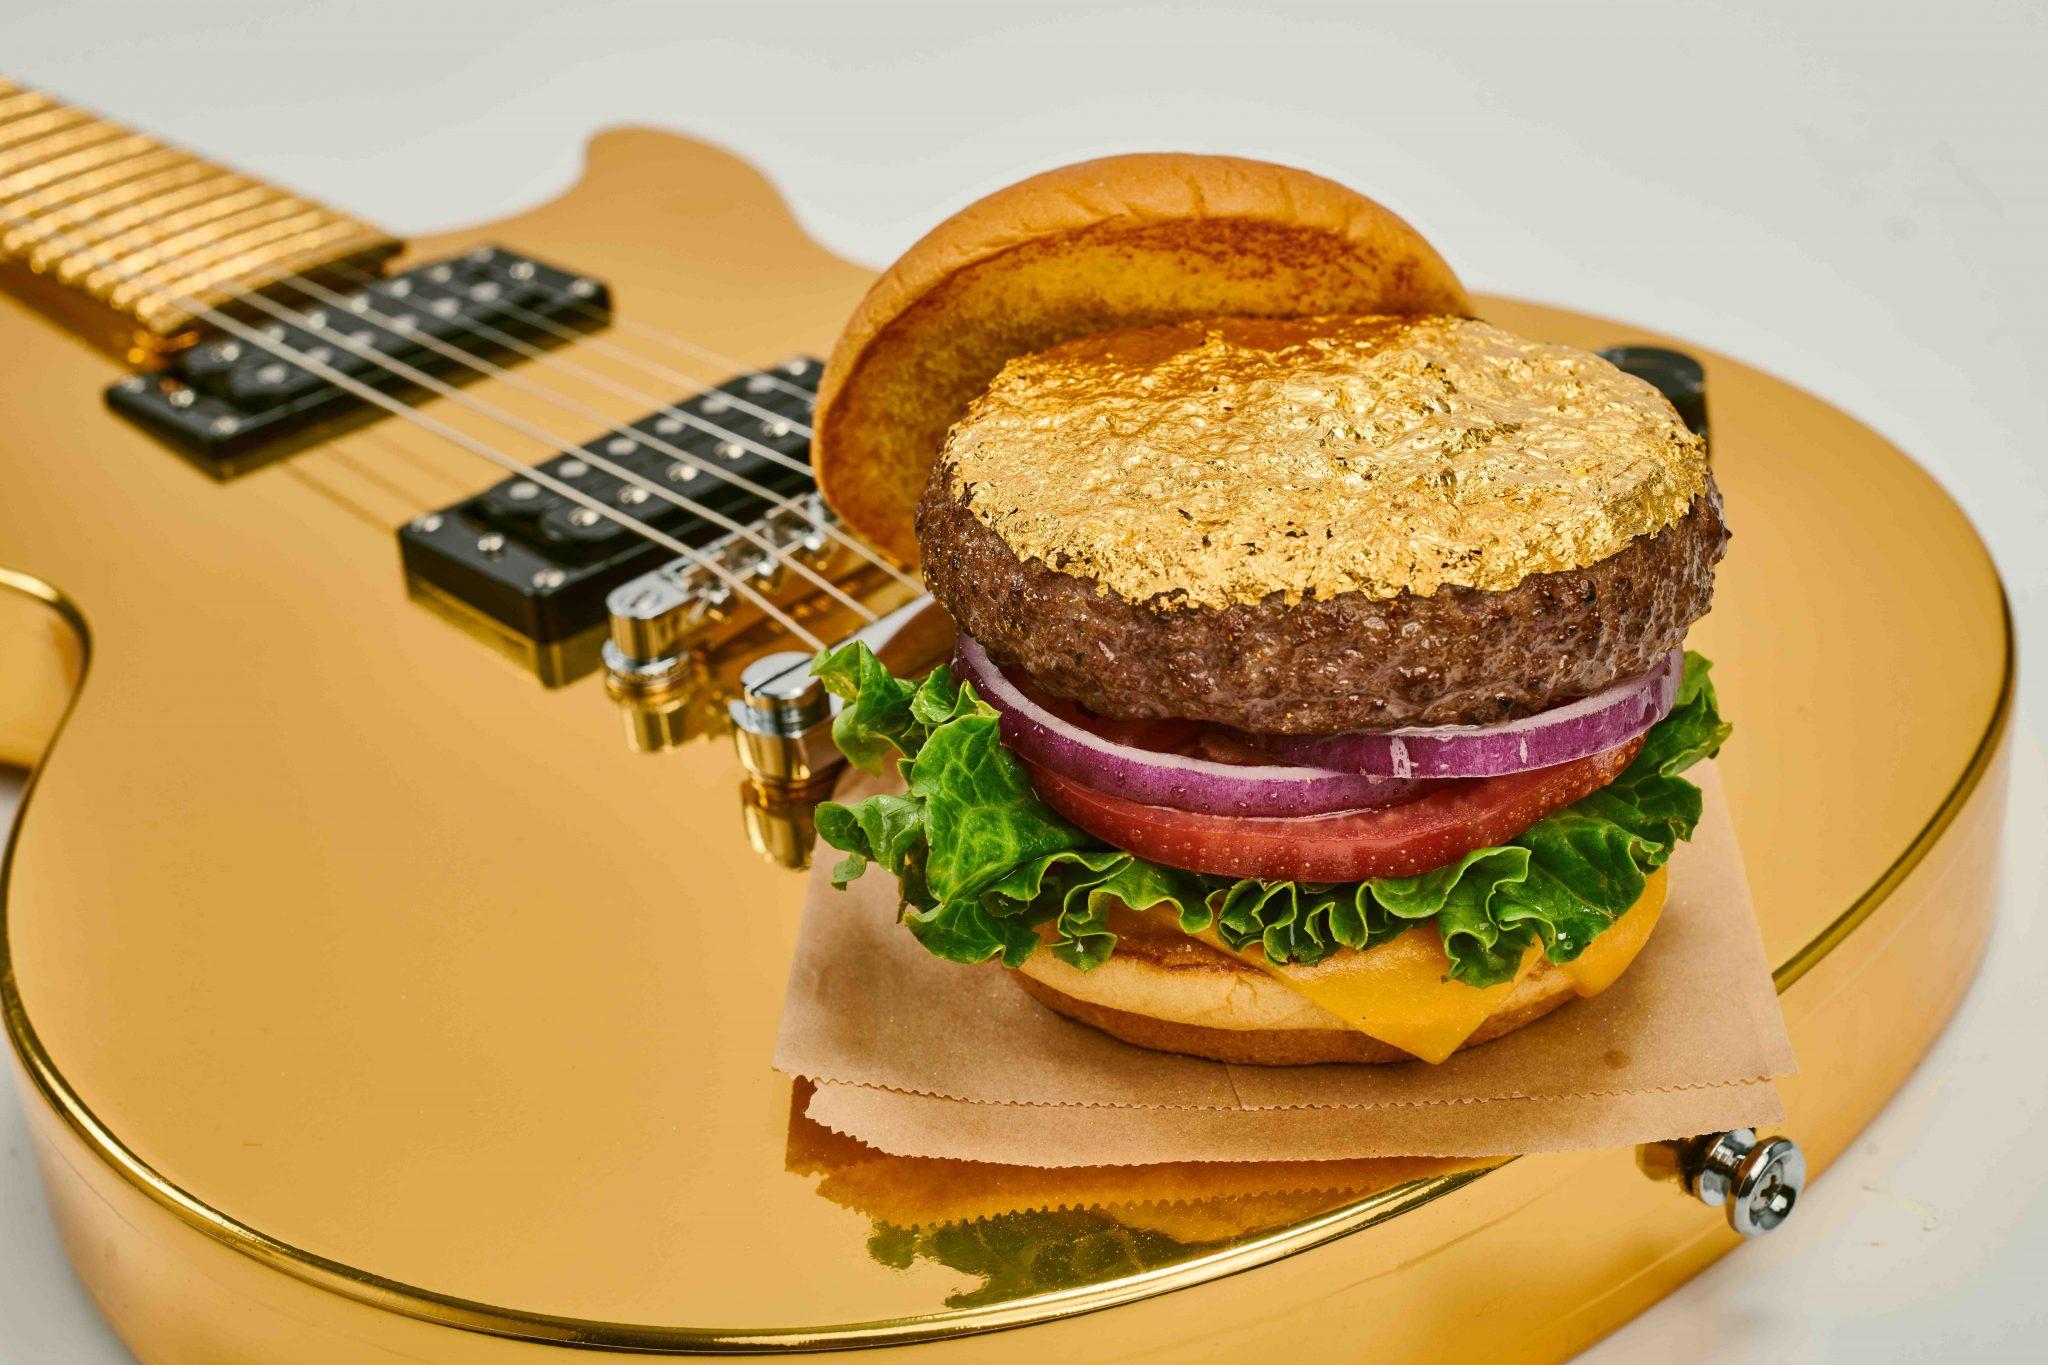 14K Gold Leaf Burger